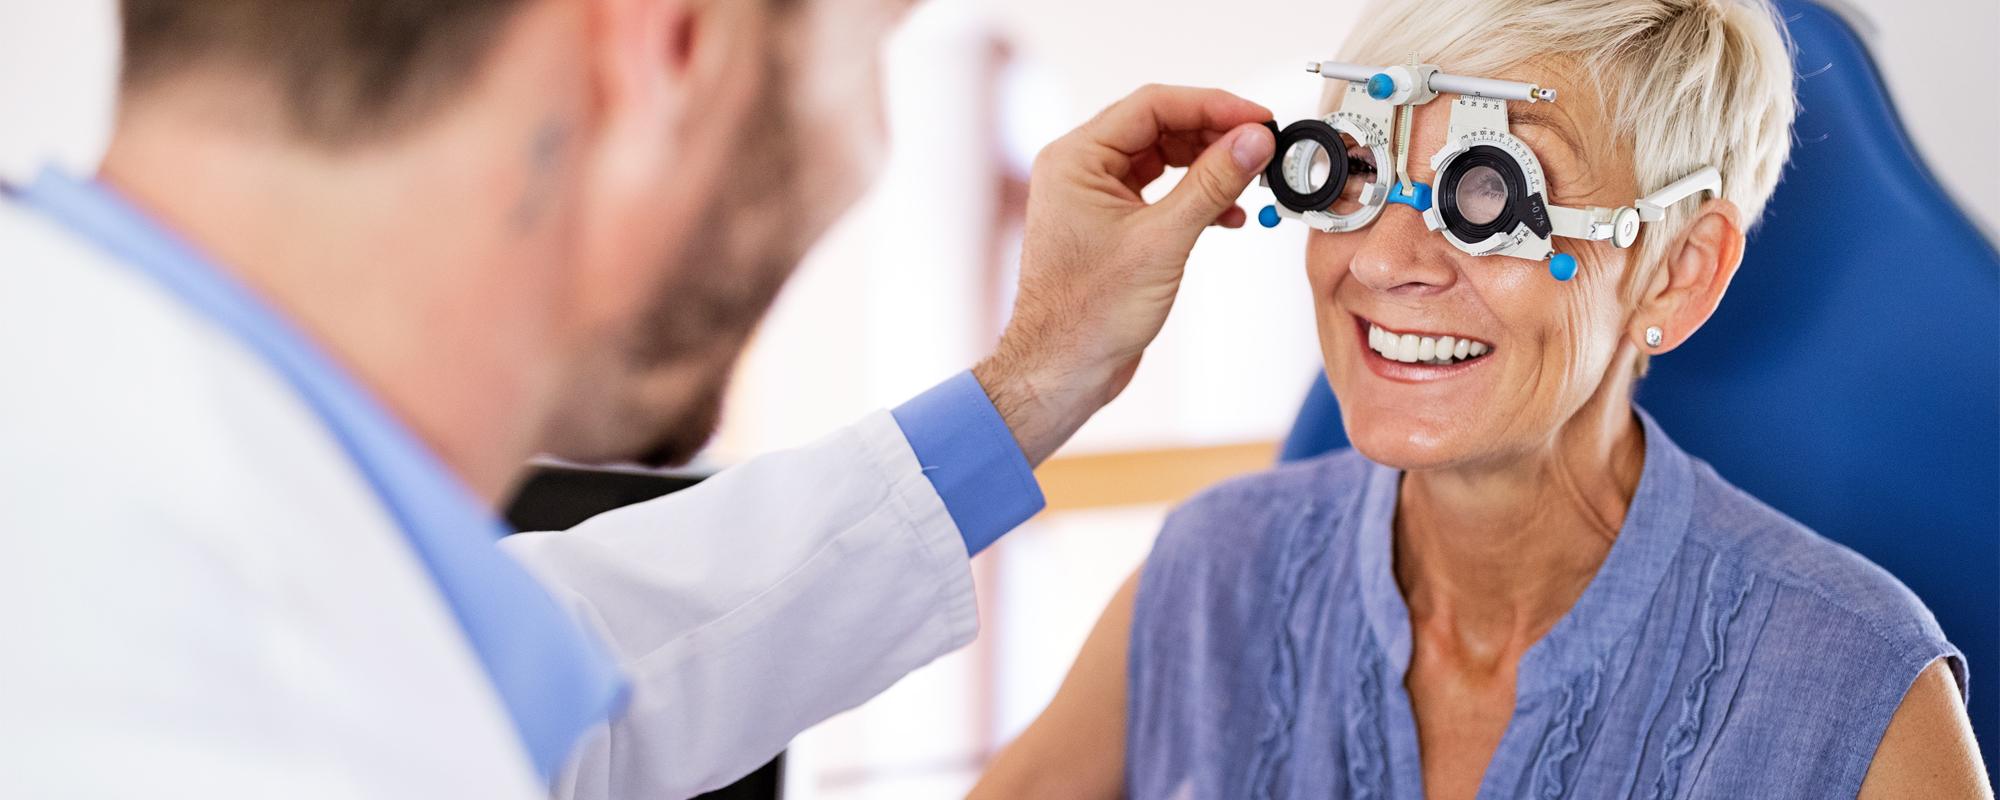 Kvinna gör synundersökning - Ögonexperten